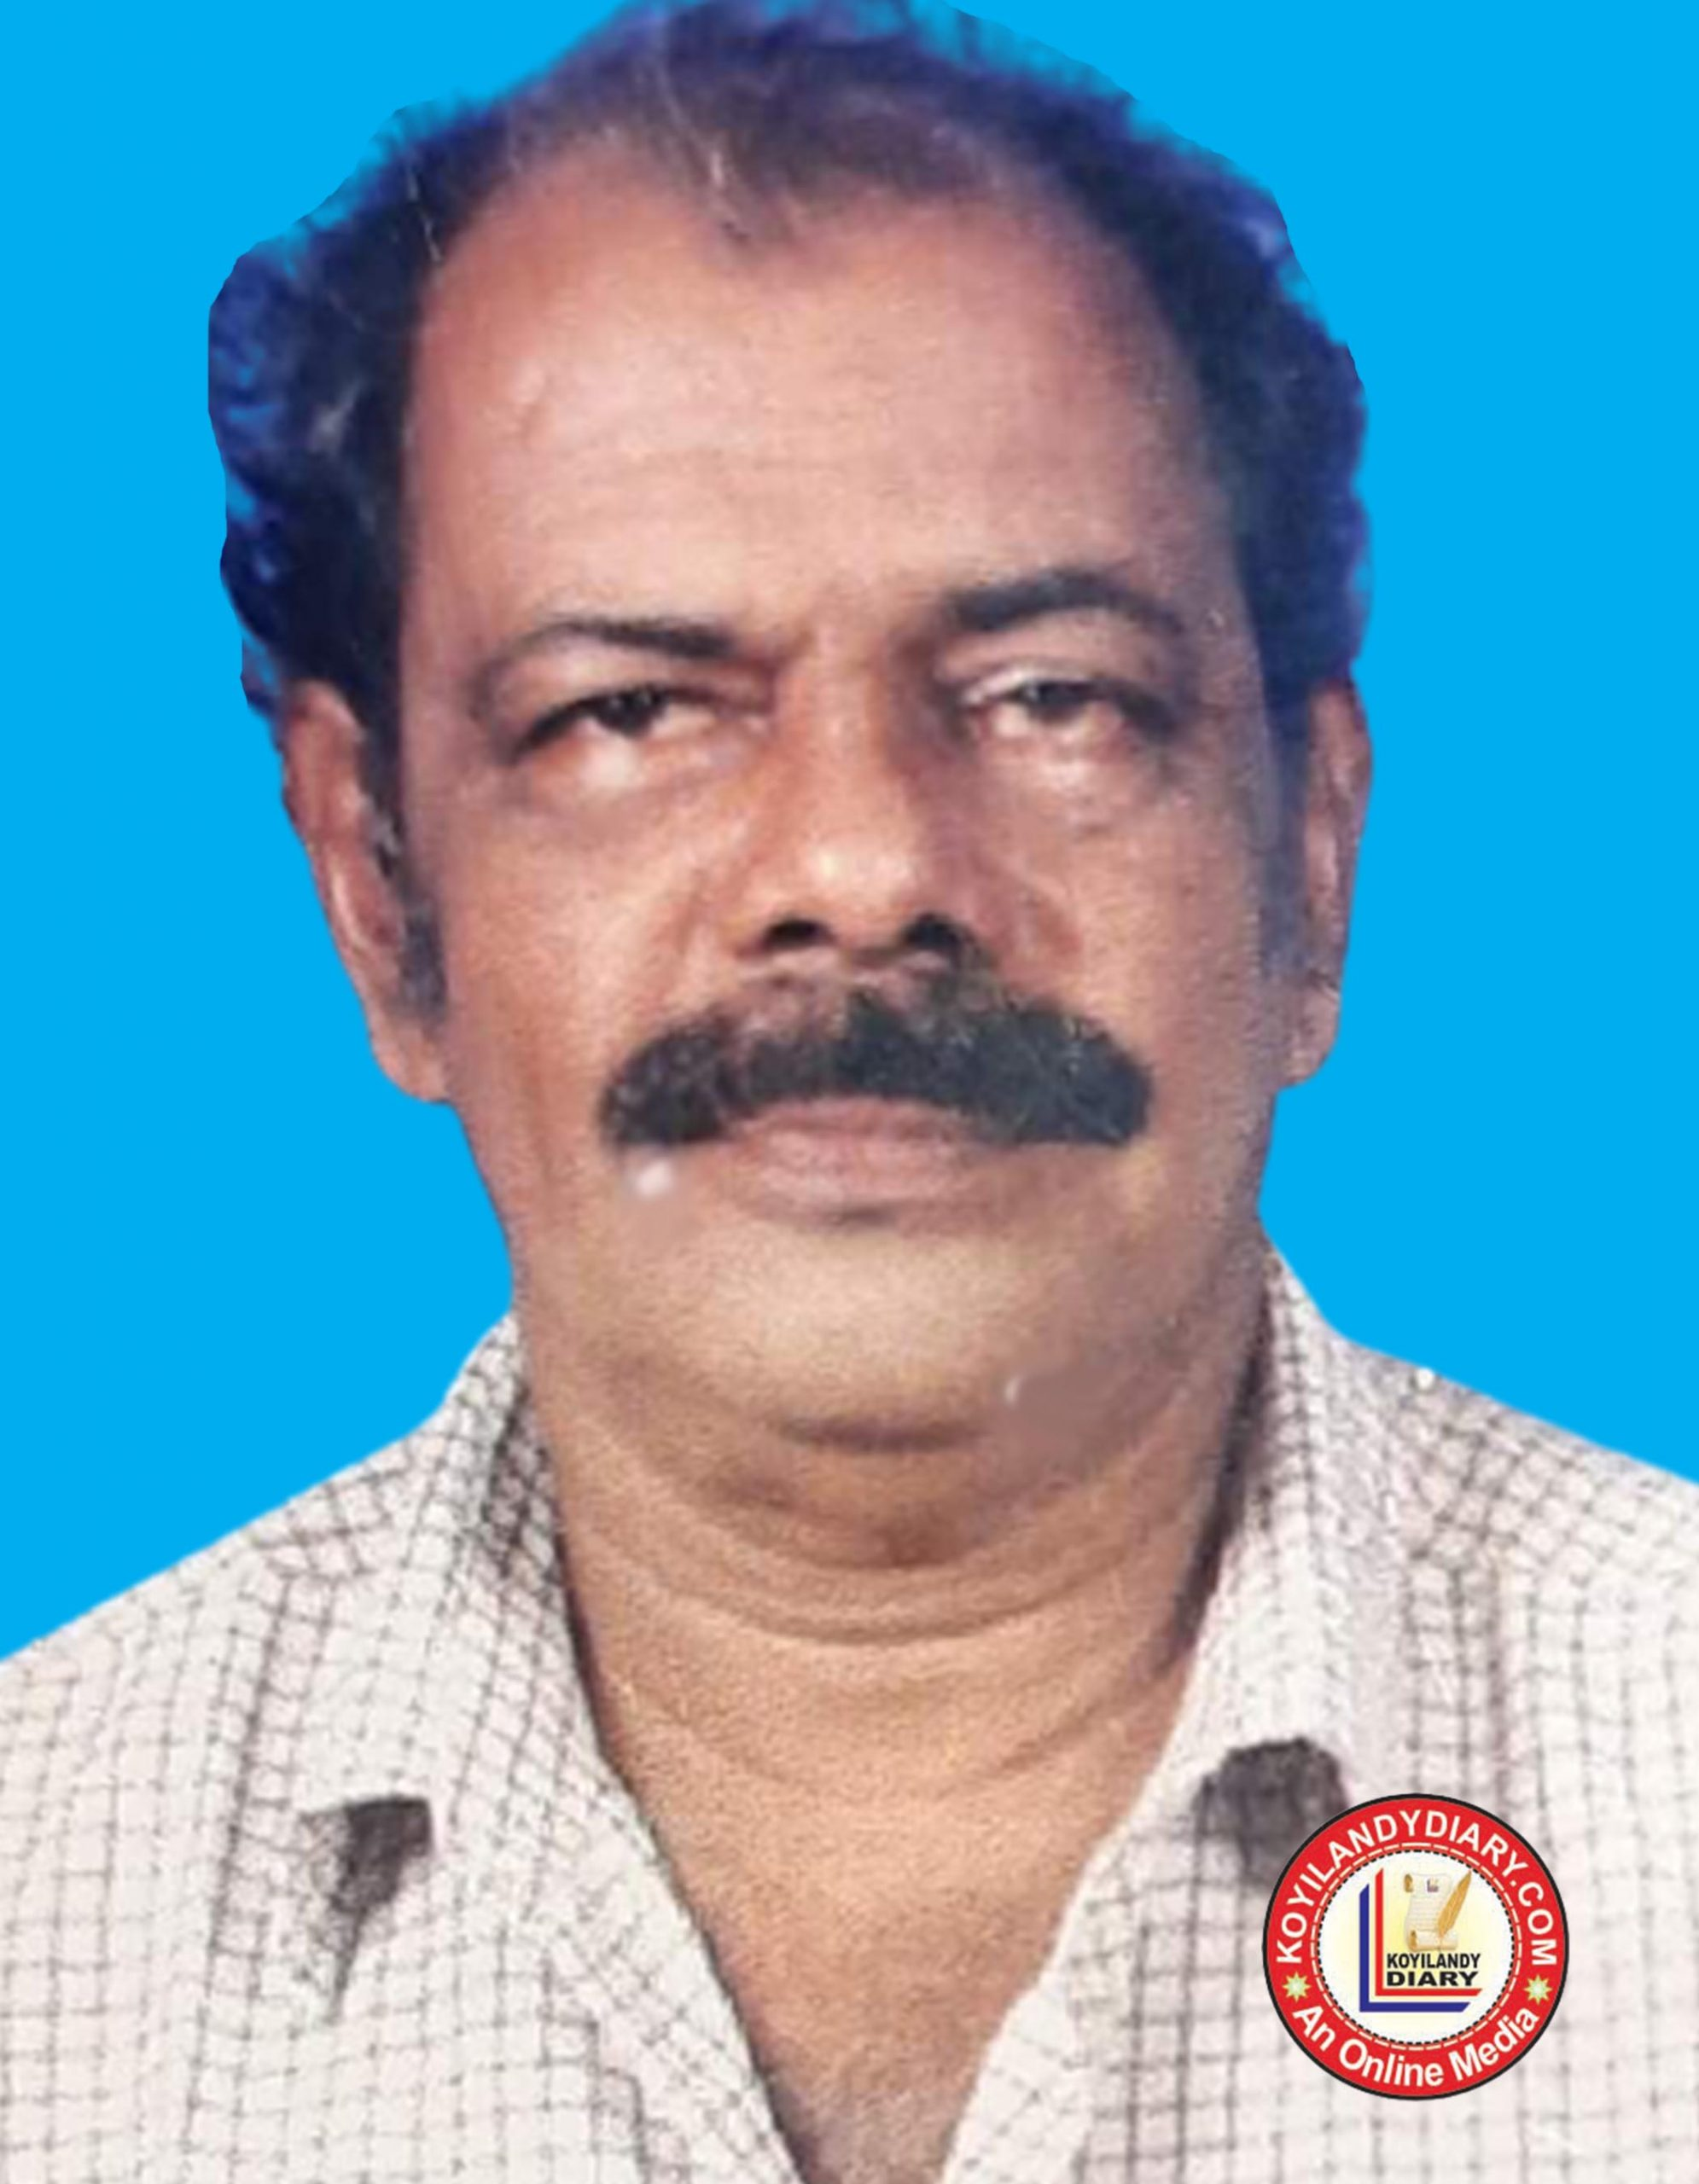 കോരപ്പുഴ നാരങ്ങോളിതാഴെ ടി.പി.ബാലൻ (70)